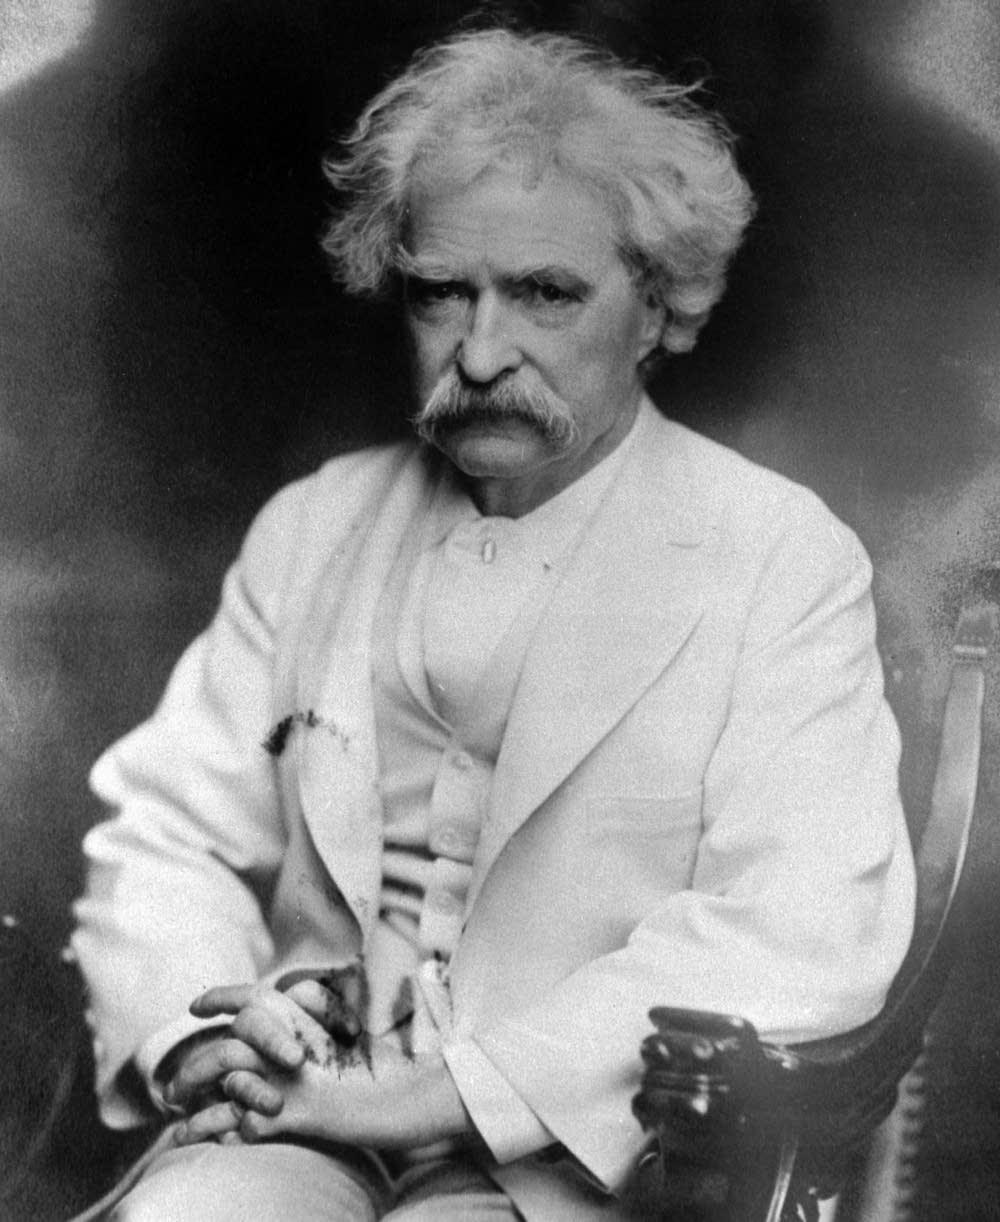 Samuel Longhorne Clemens